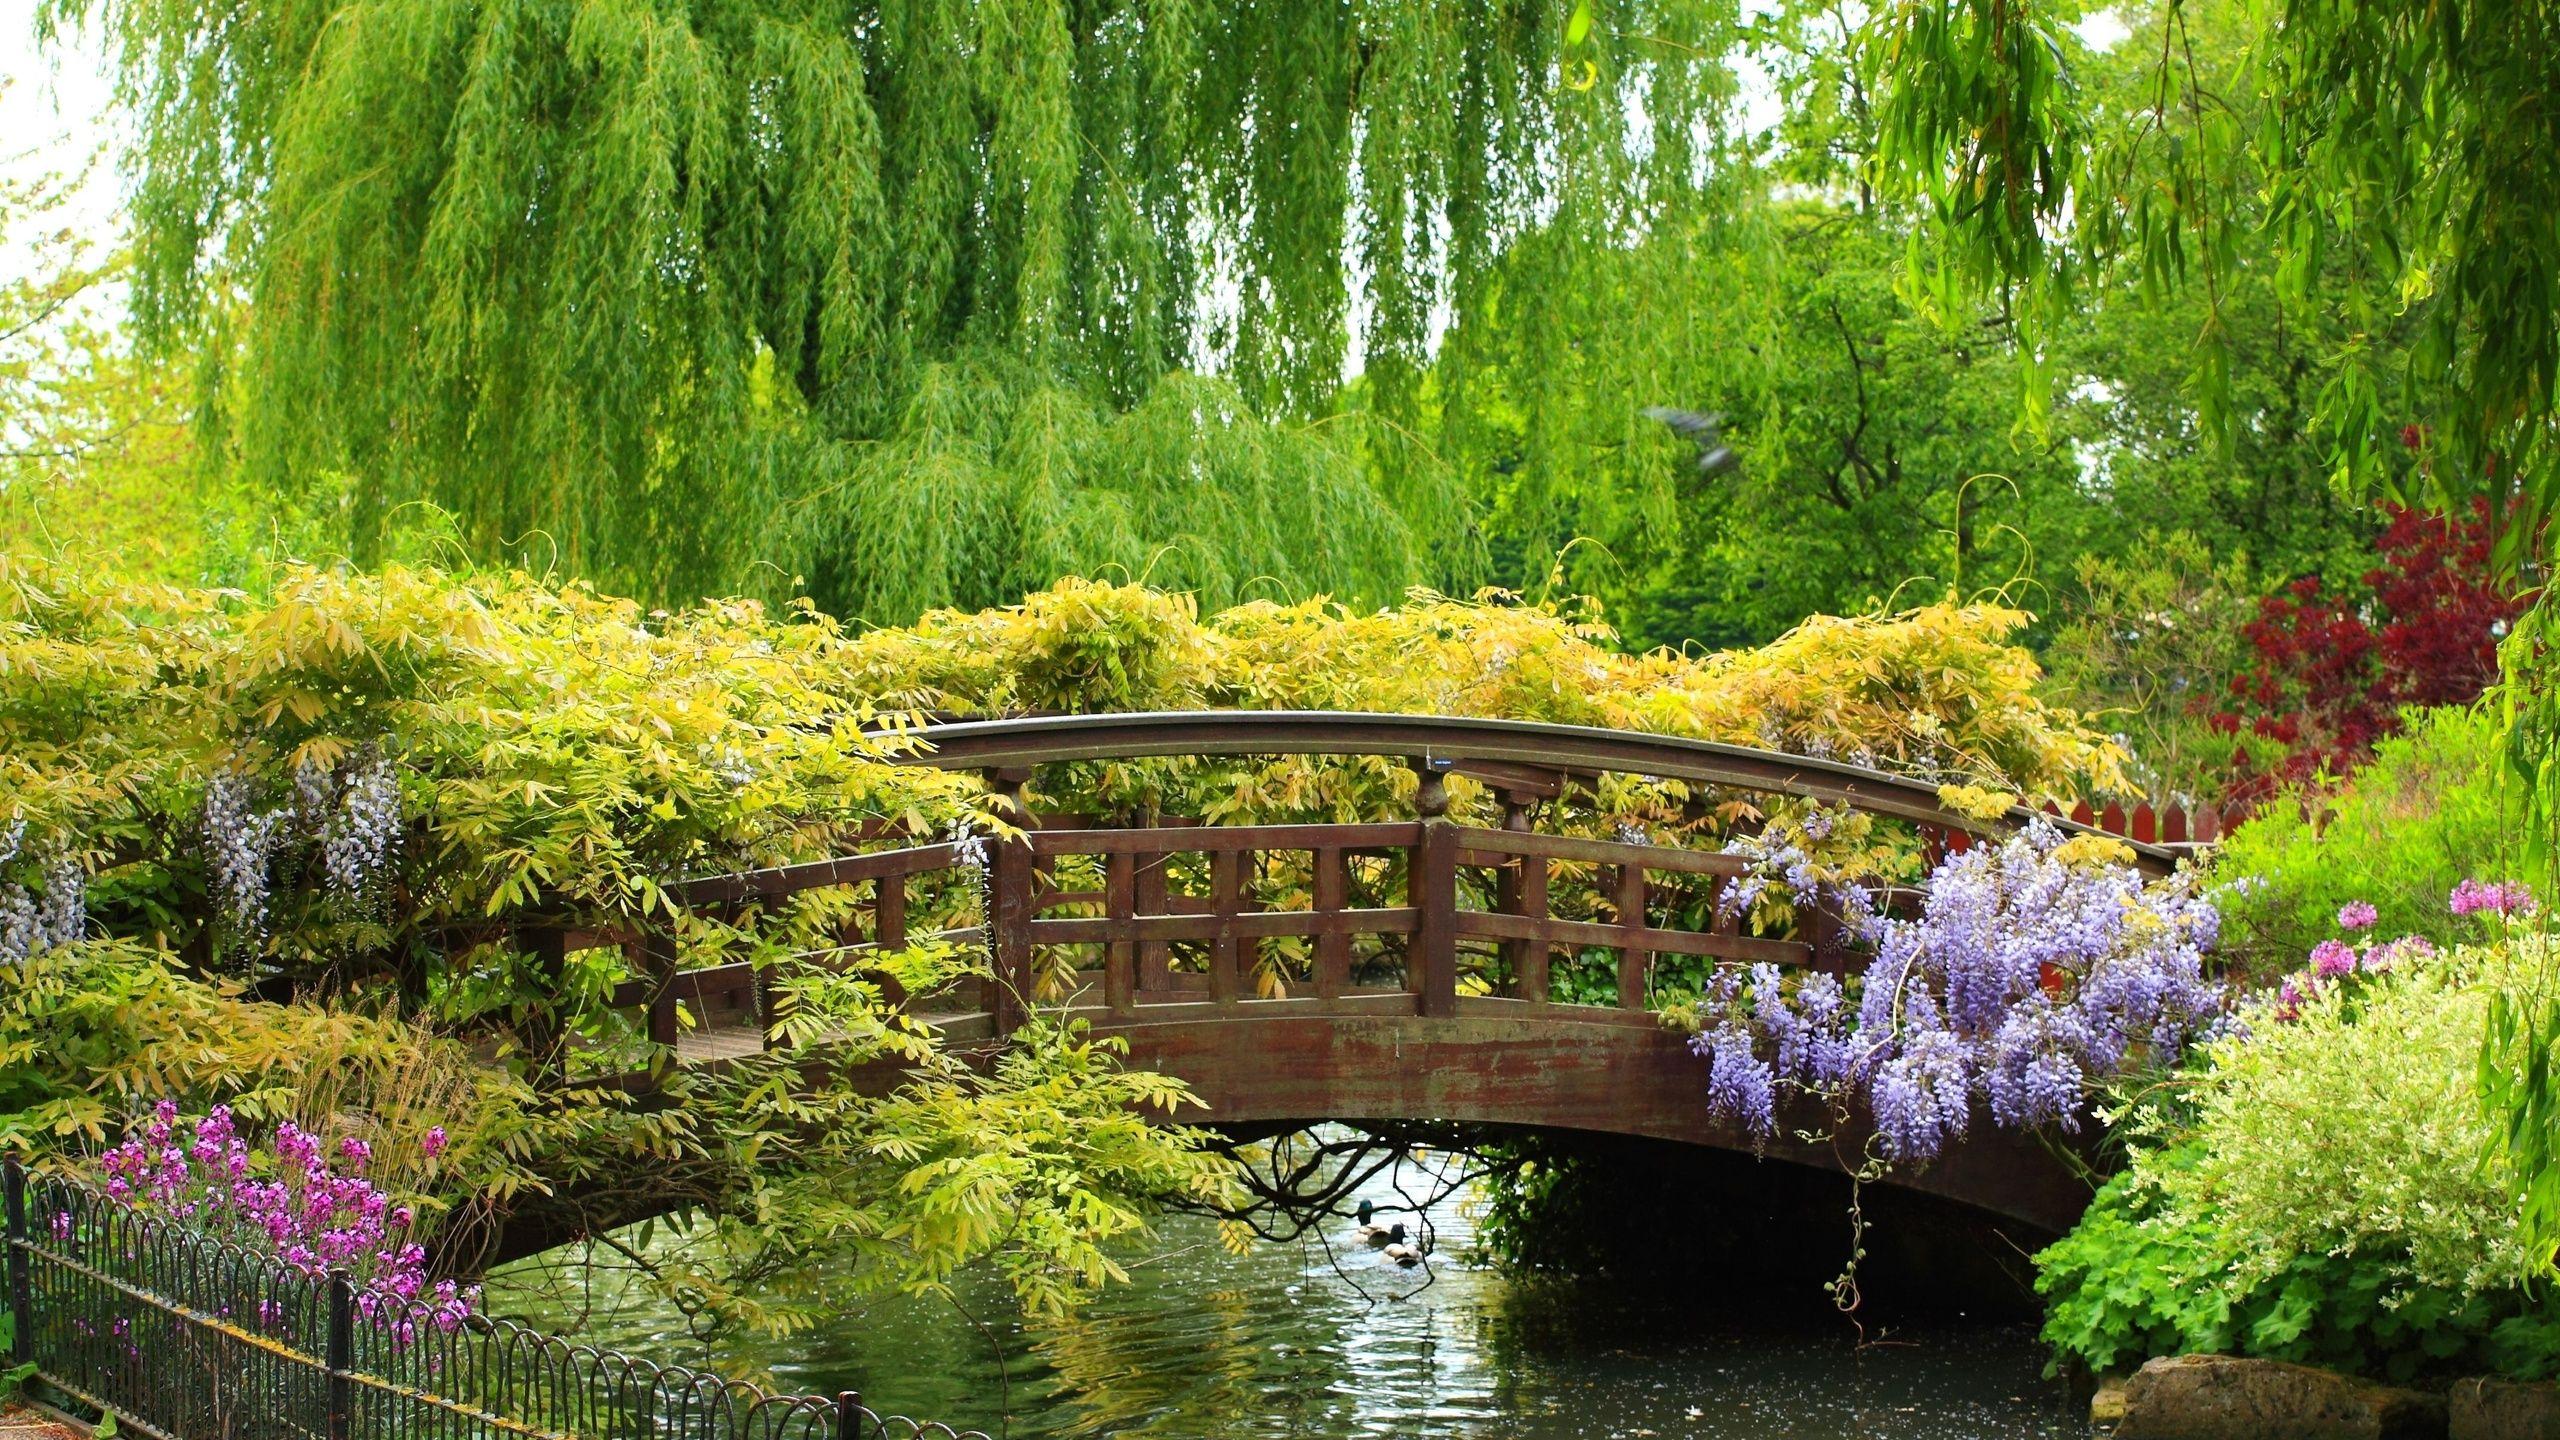 Картинки красивые природа на рабочий стол на весь экран (35 фото ... | 1440x2560